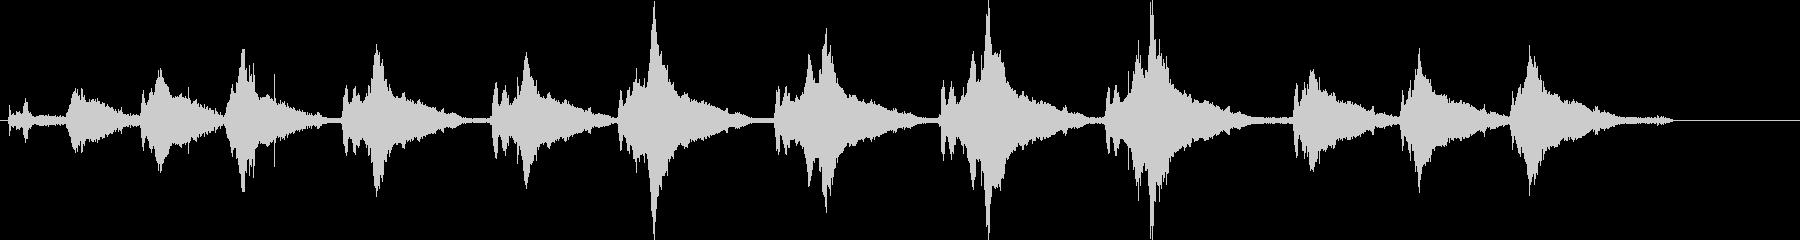 コンパクトカースタートエンジン、R...の未再生の波形